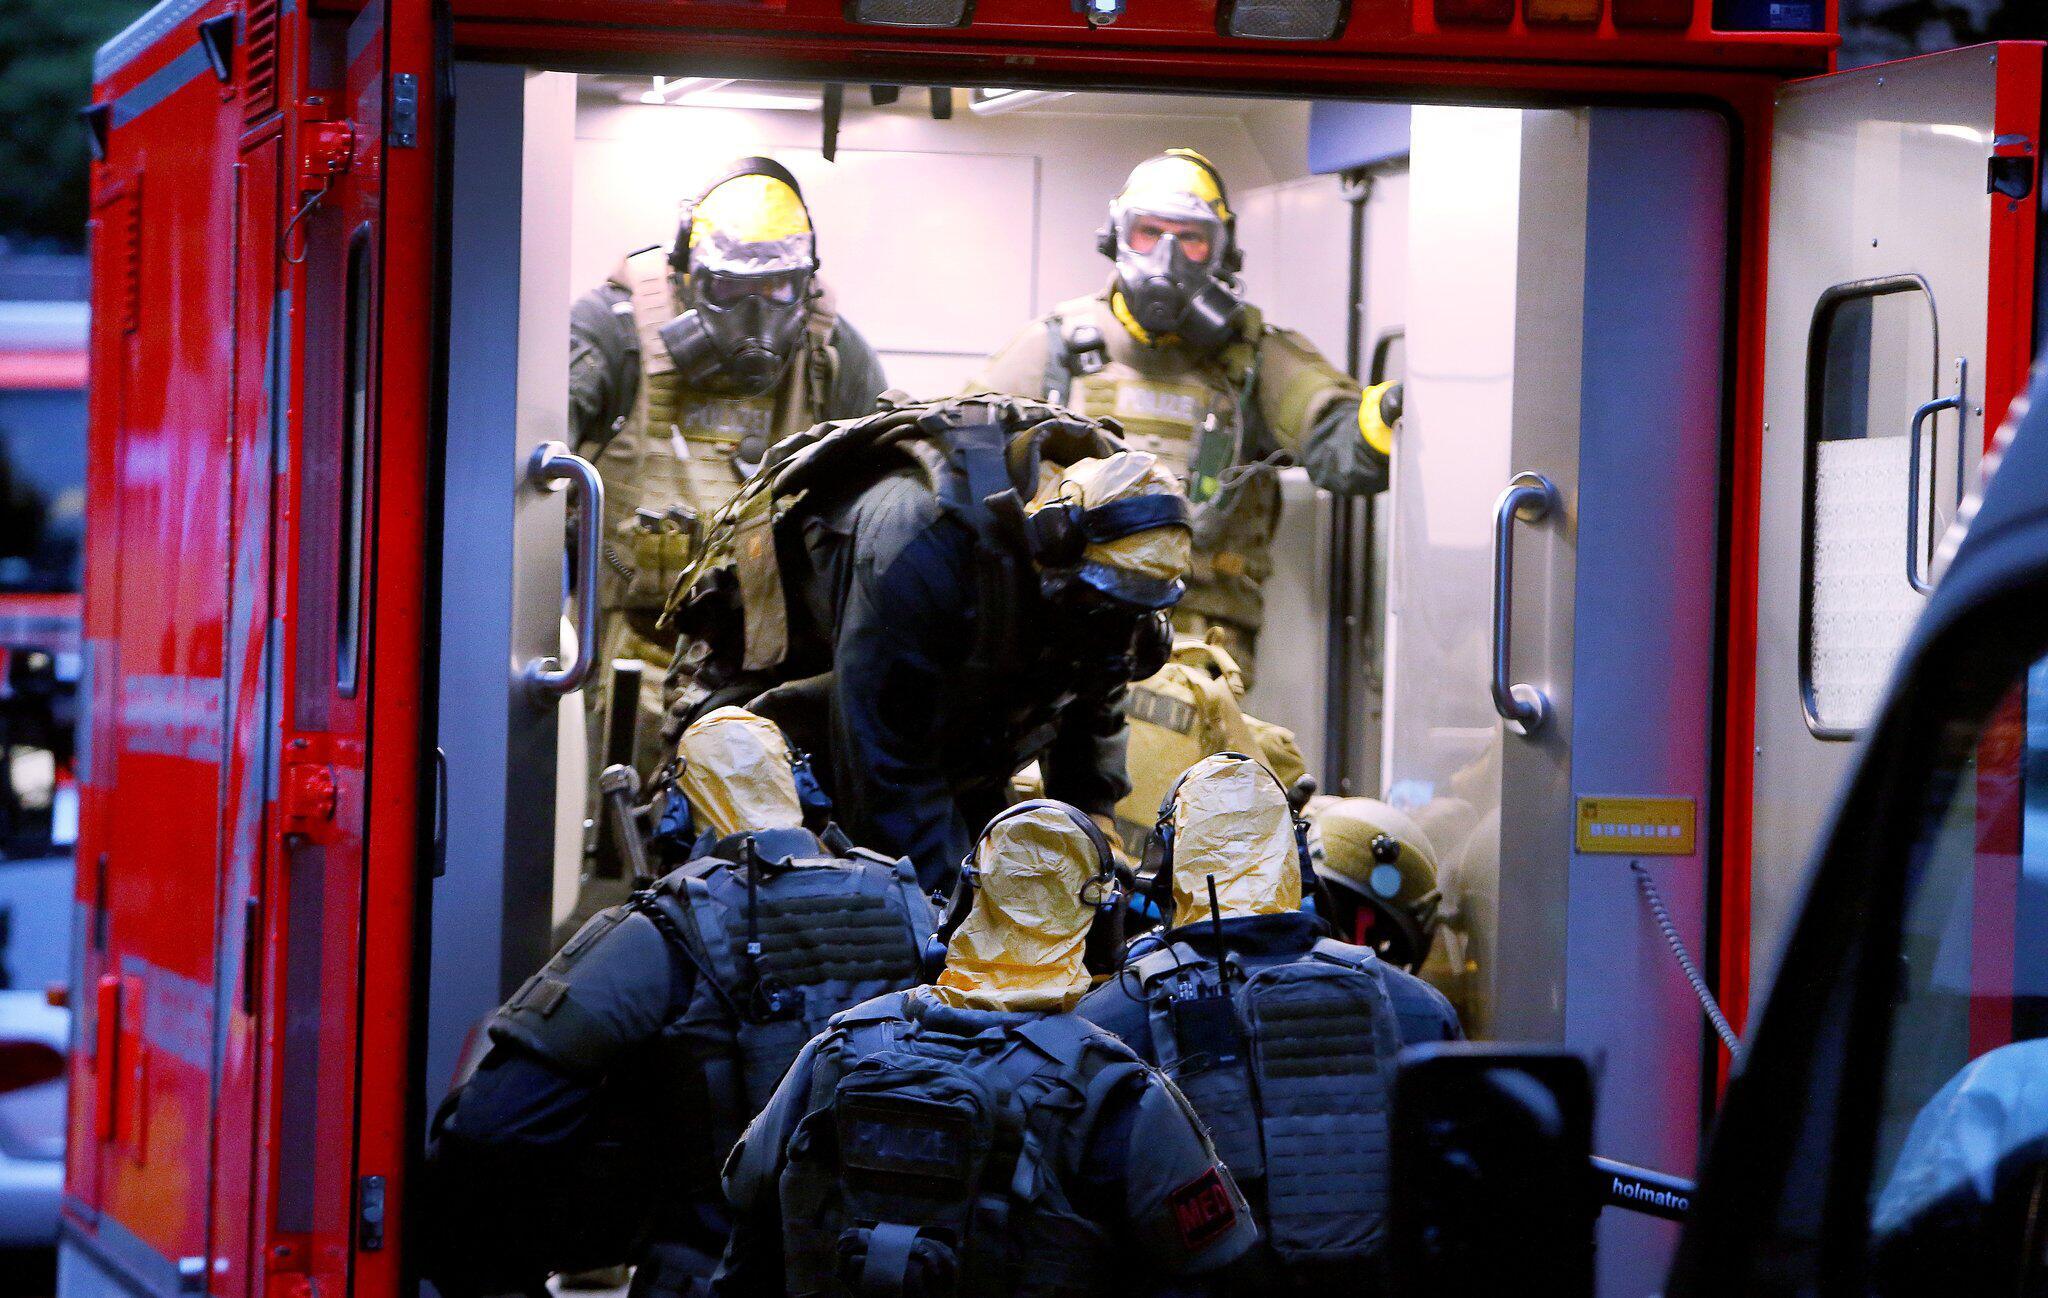 Bild zu Verdächtige Substanzen in Kölner Hochhau